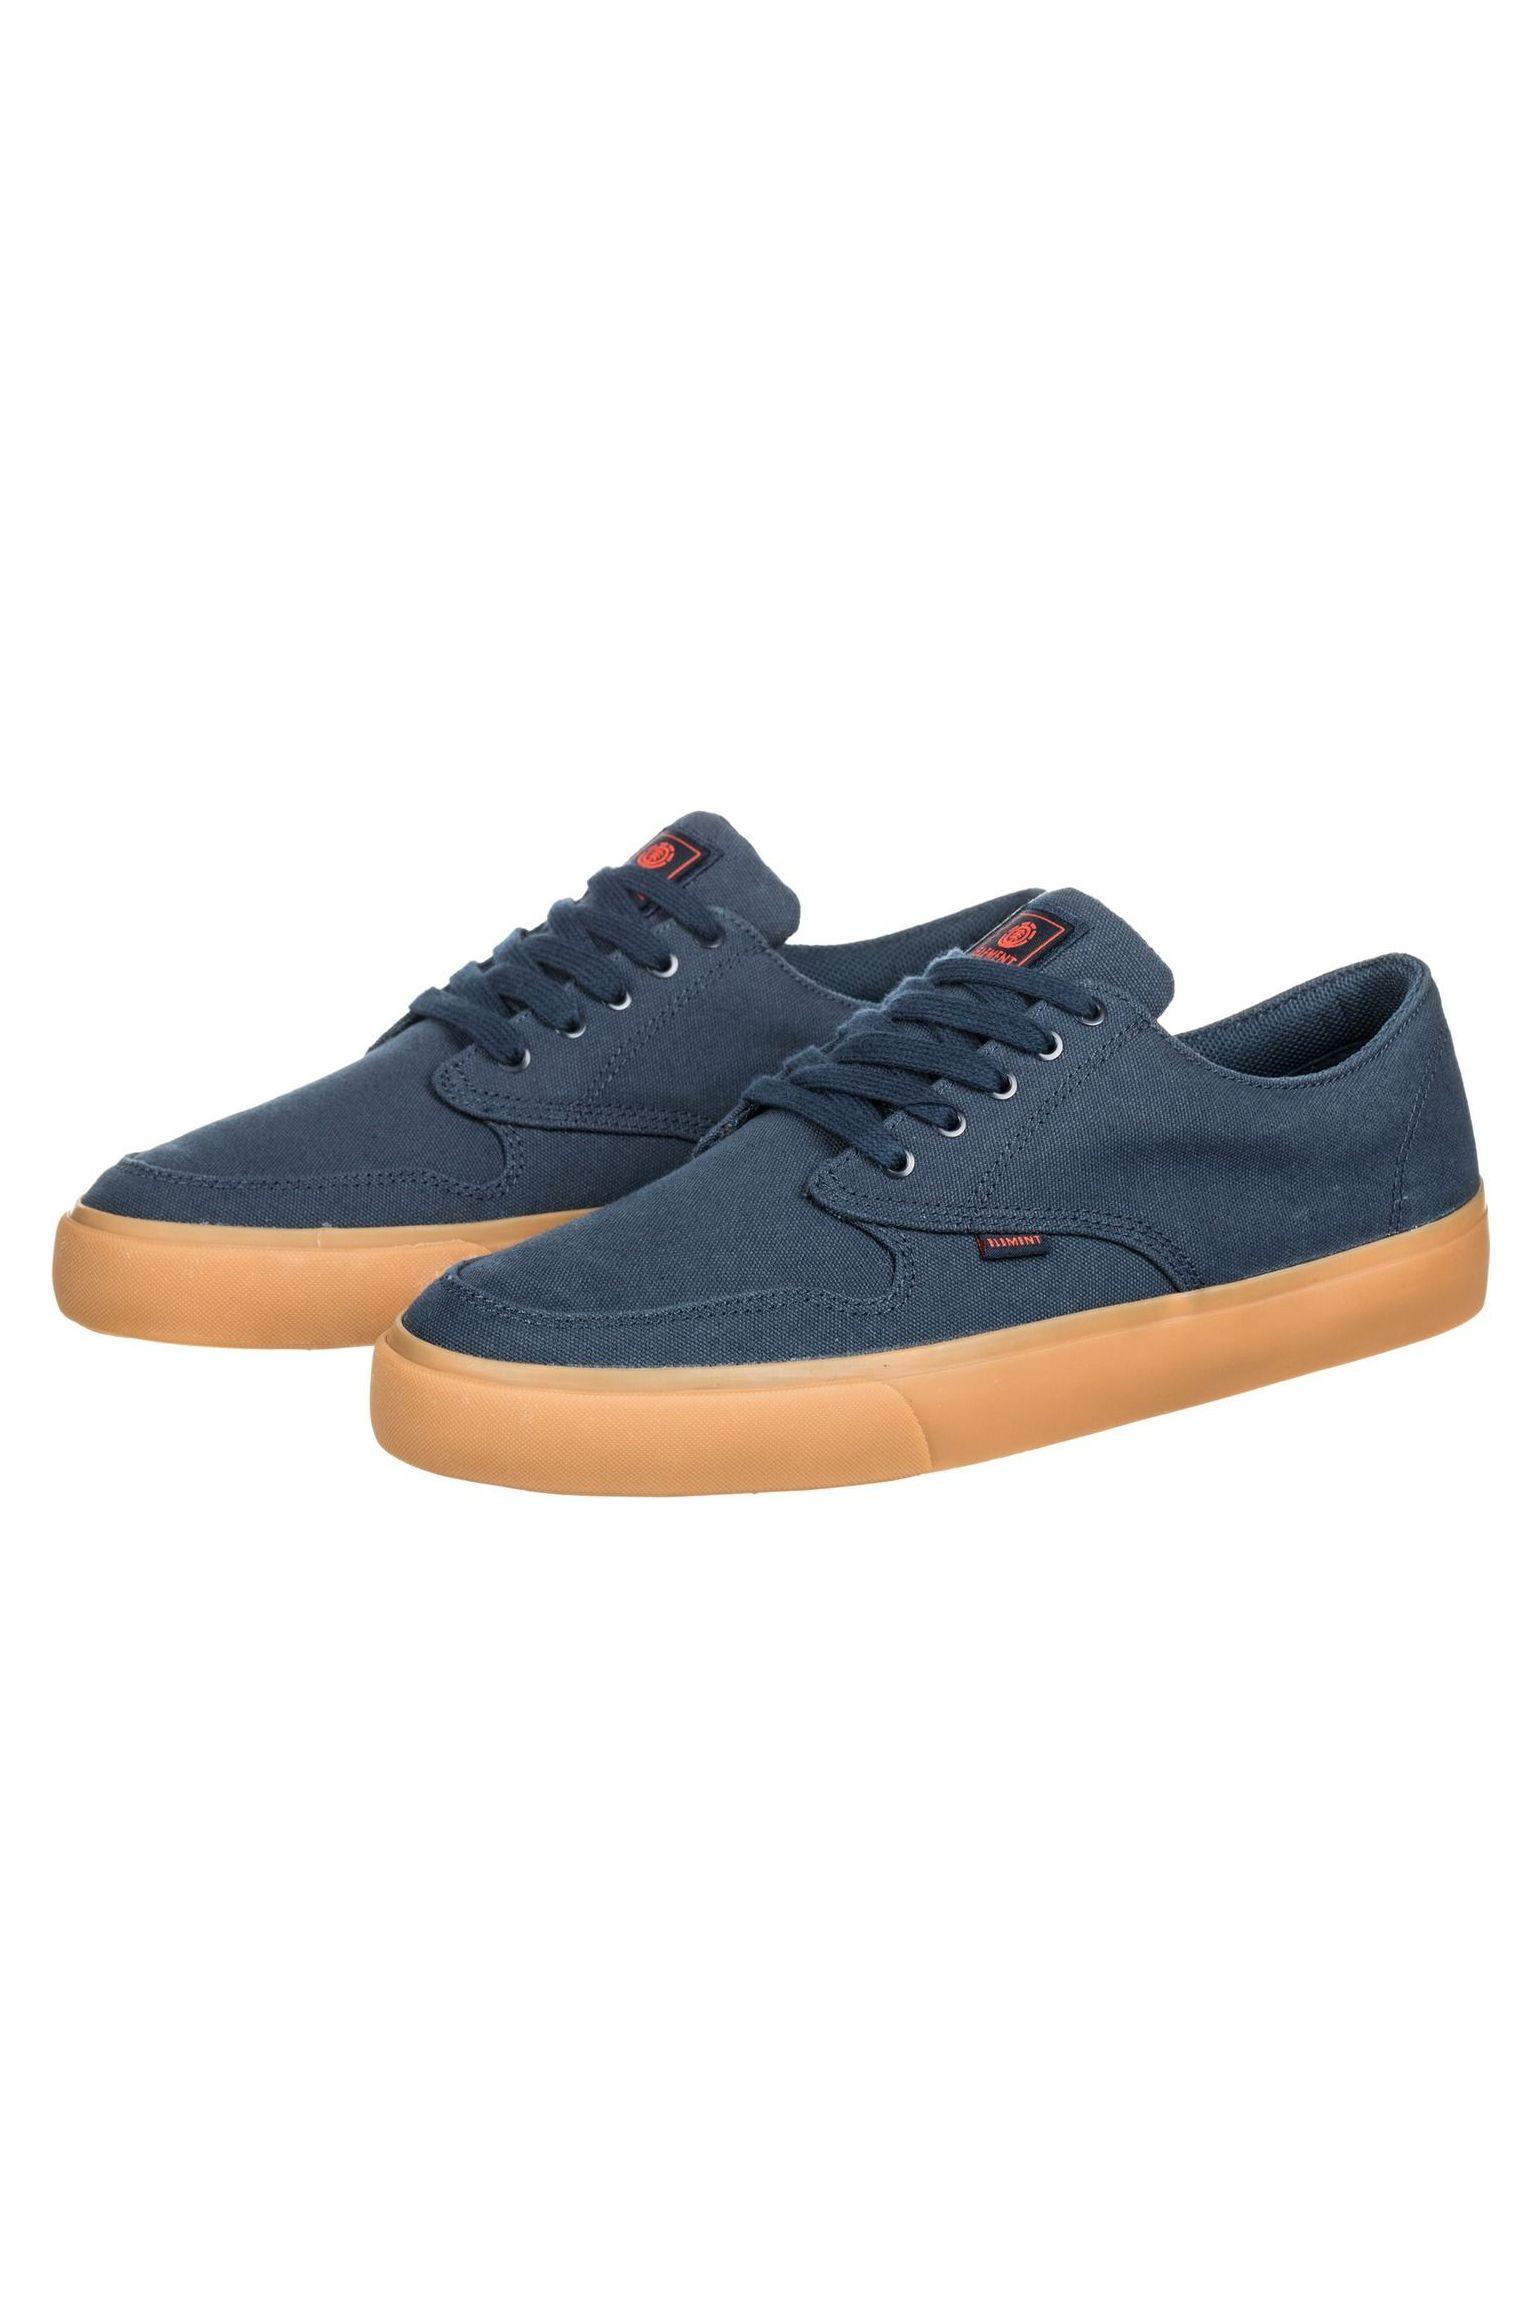 Element Shoes TOPAZ C3 Navy Gum